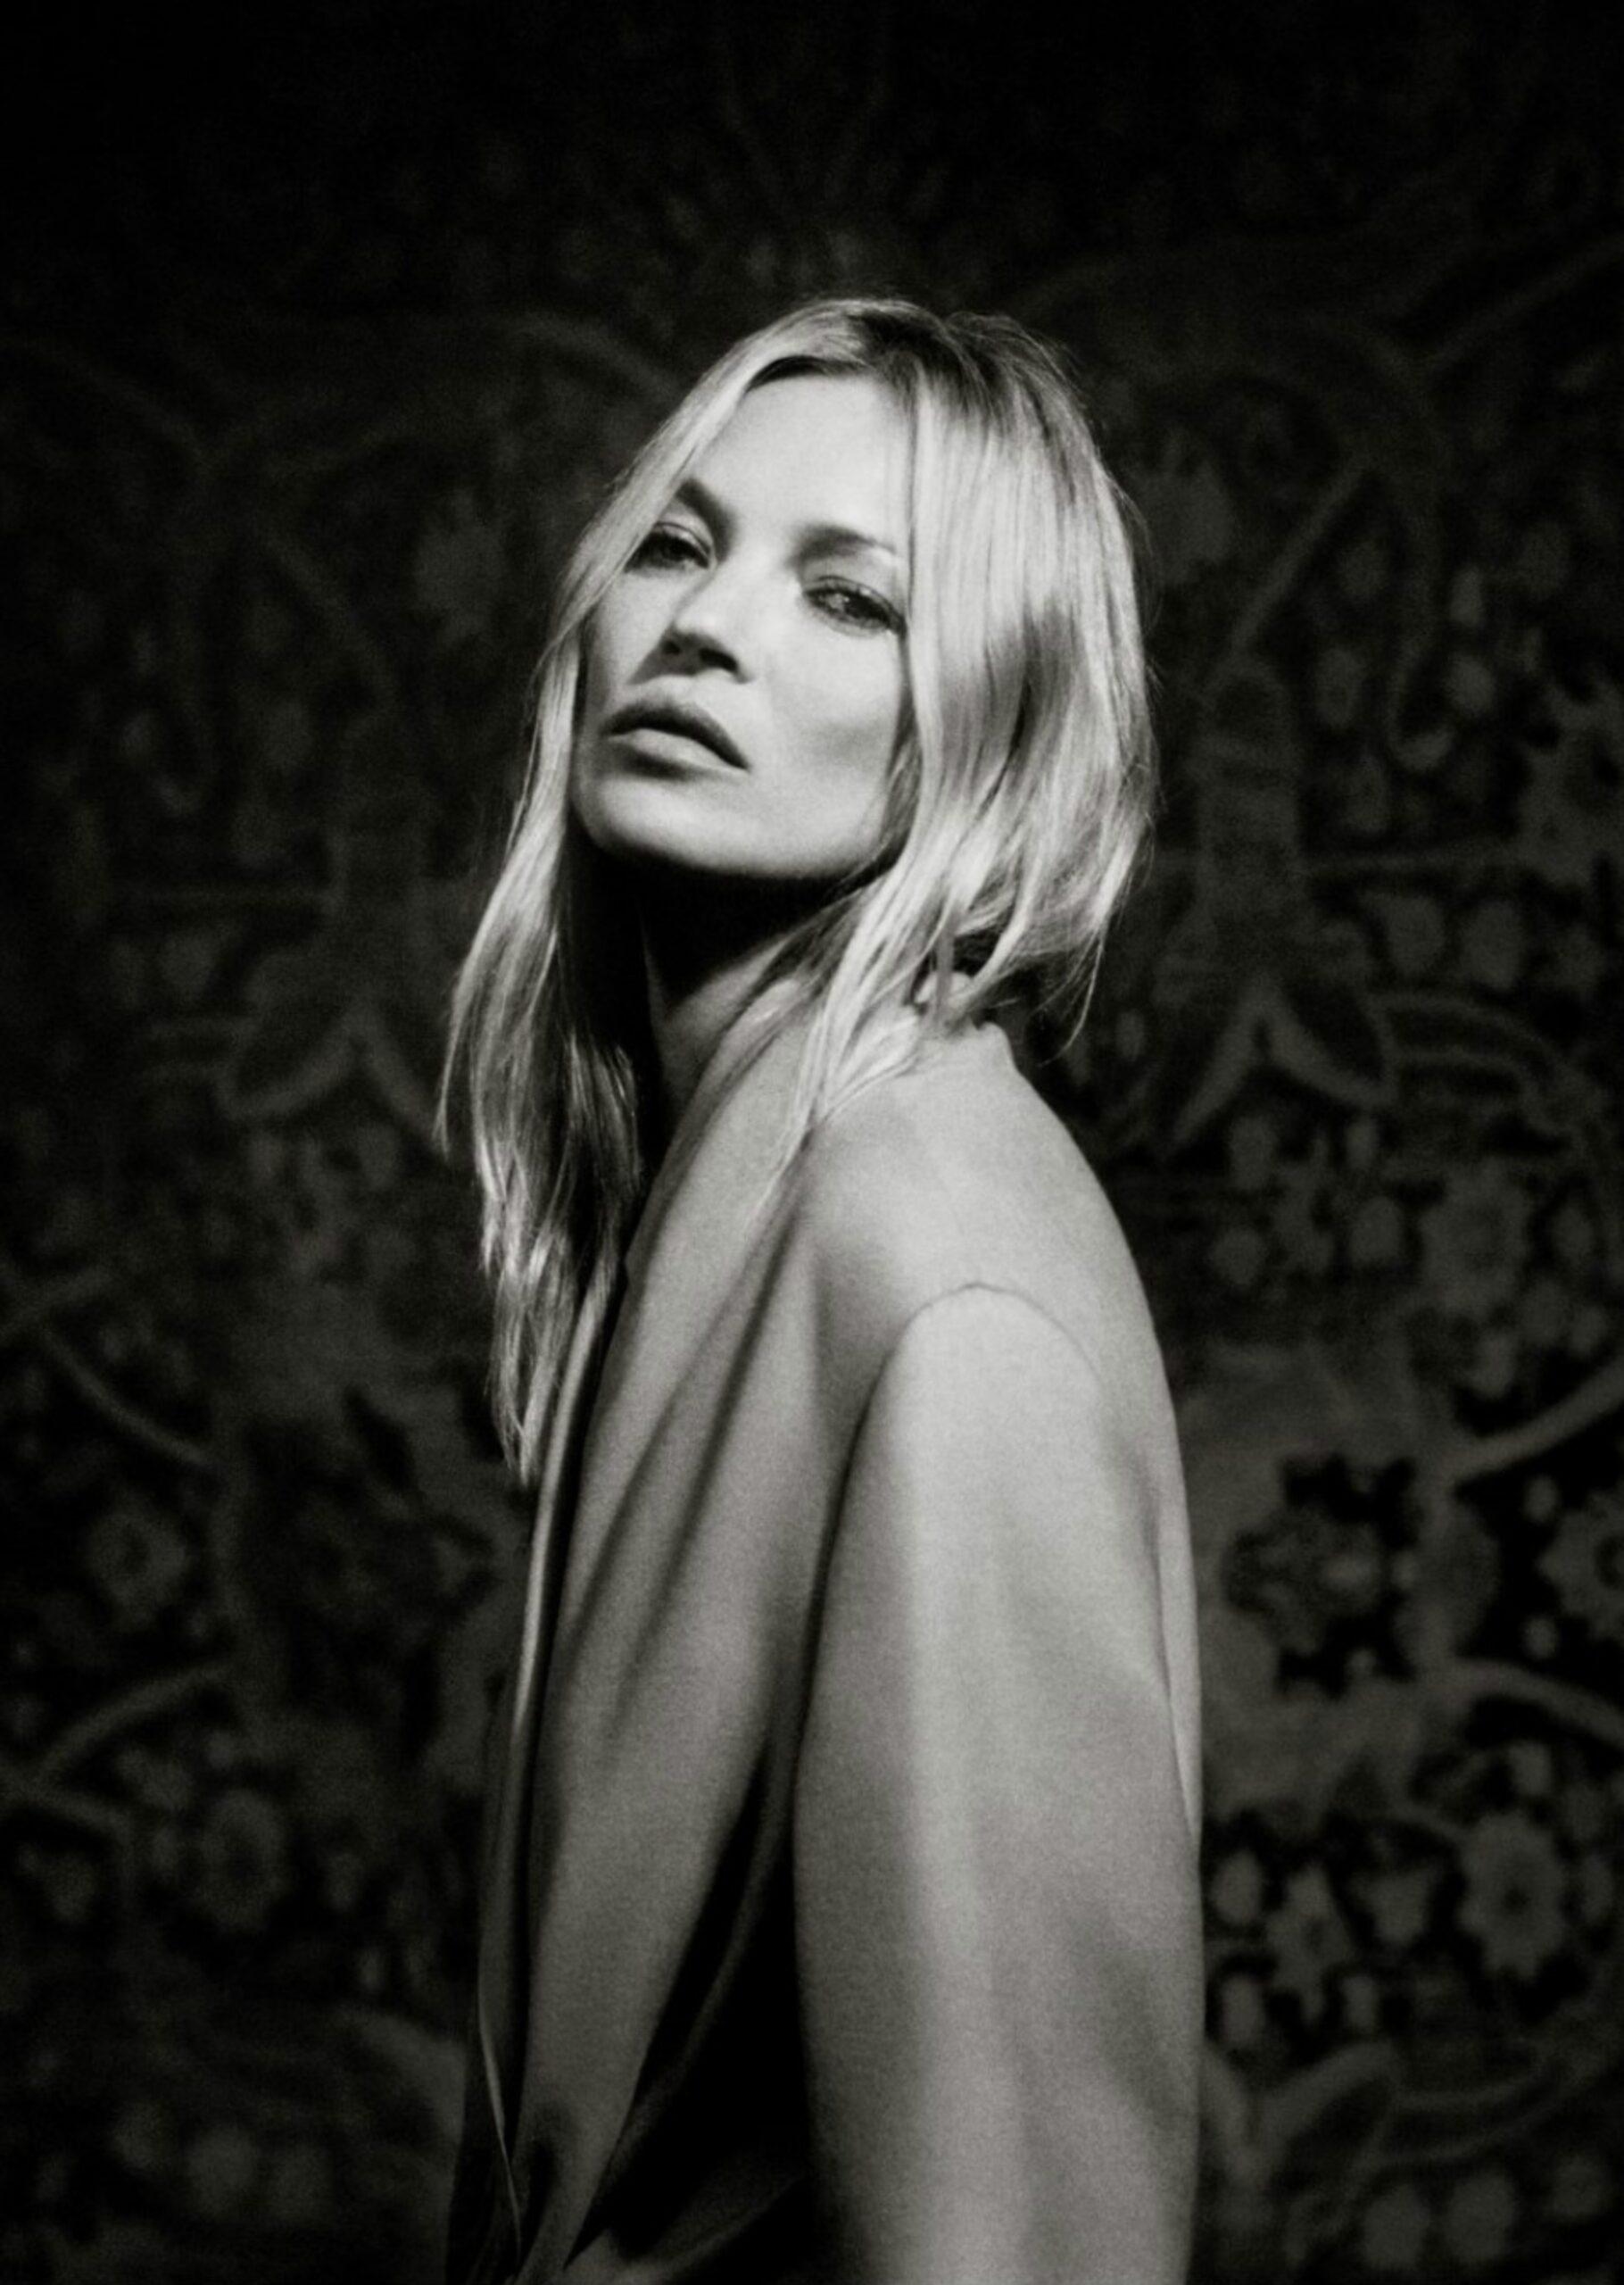 Kate Moss la modelo que hizo historia en la industria fashion